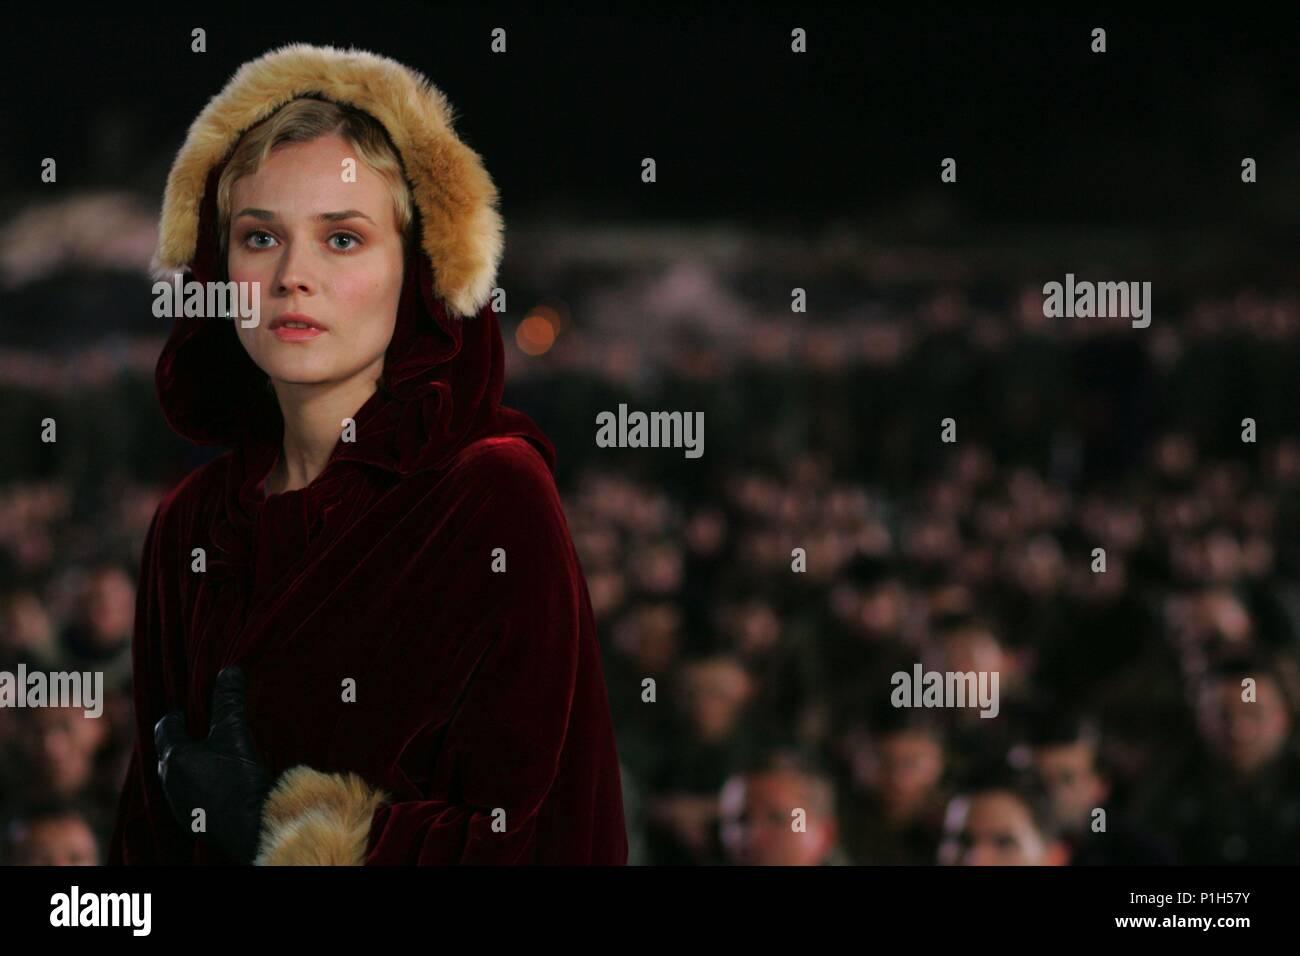 Film Joyeux Noel De Christian Carion.Titre Original Joyeux Noel Titre En Anglais Joyeux Noel